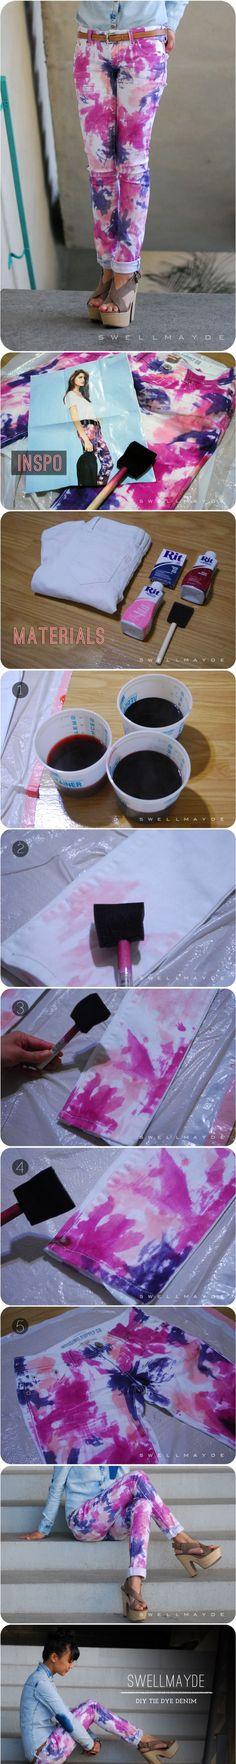 DIY Tie Dye Denim | From swellmayde | DIY  Crafts